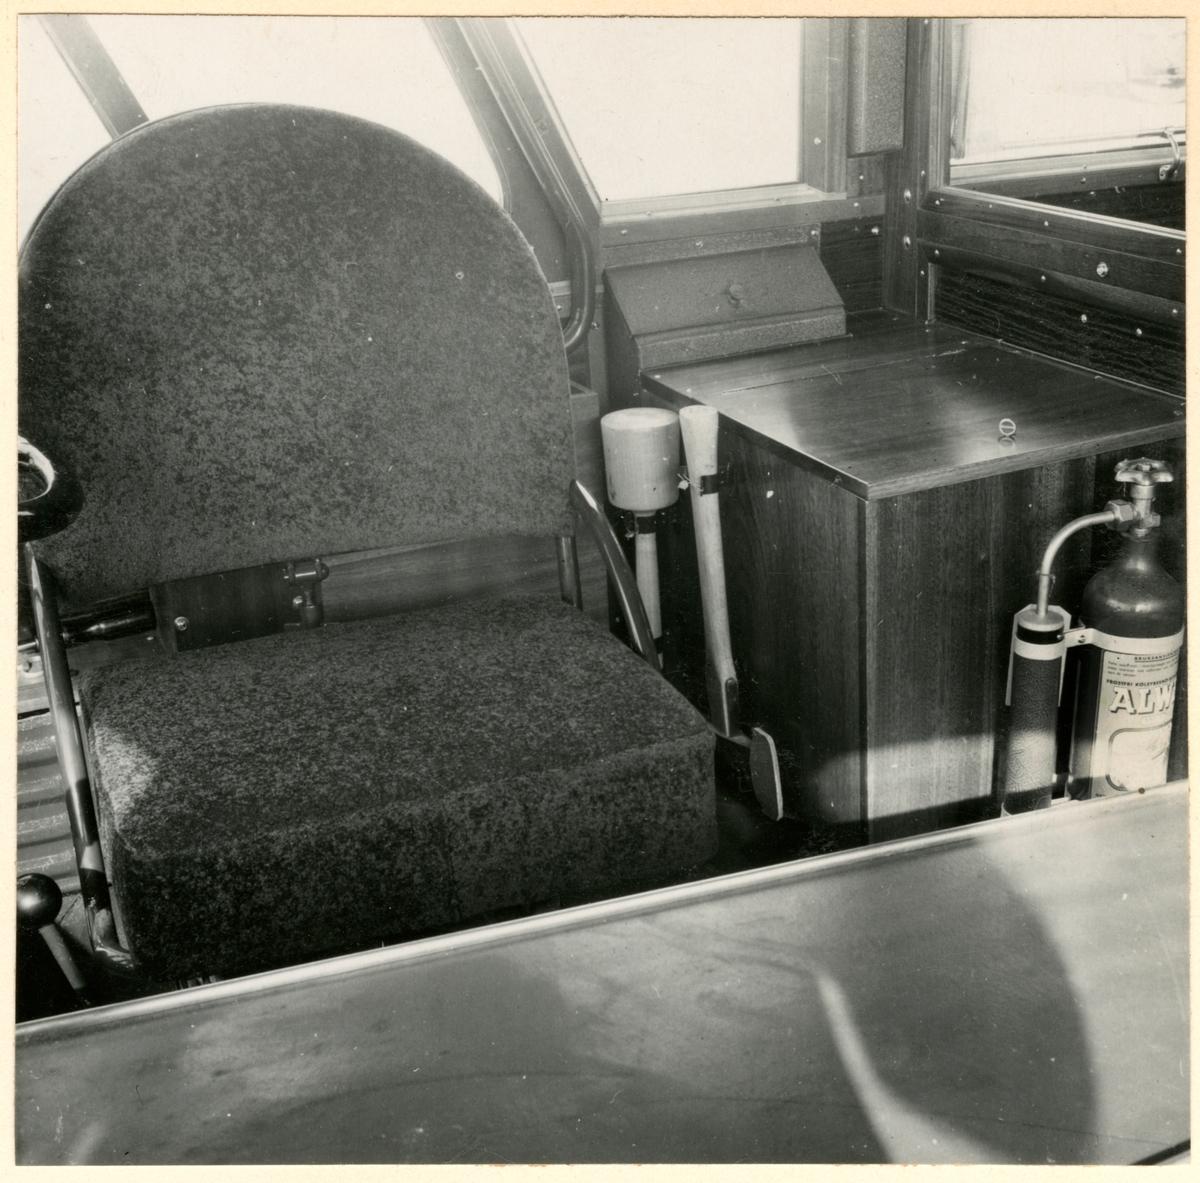 Interiör från buss.